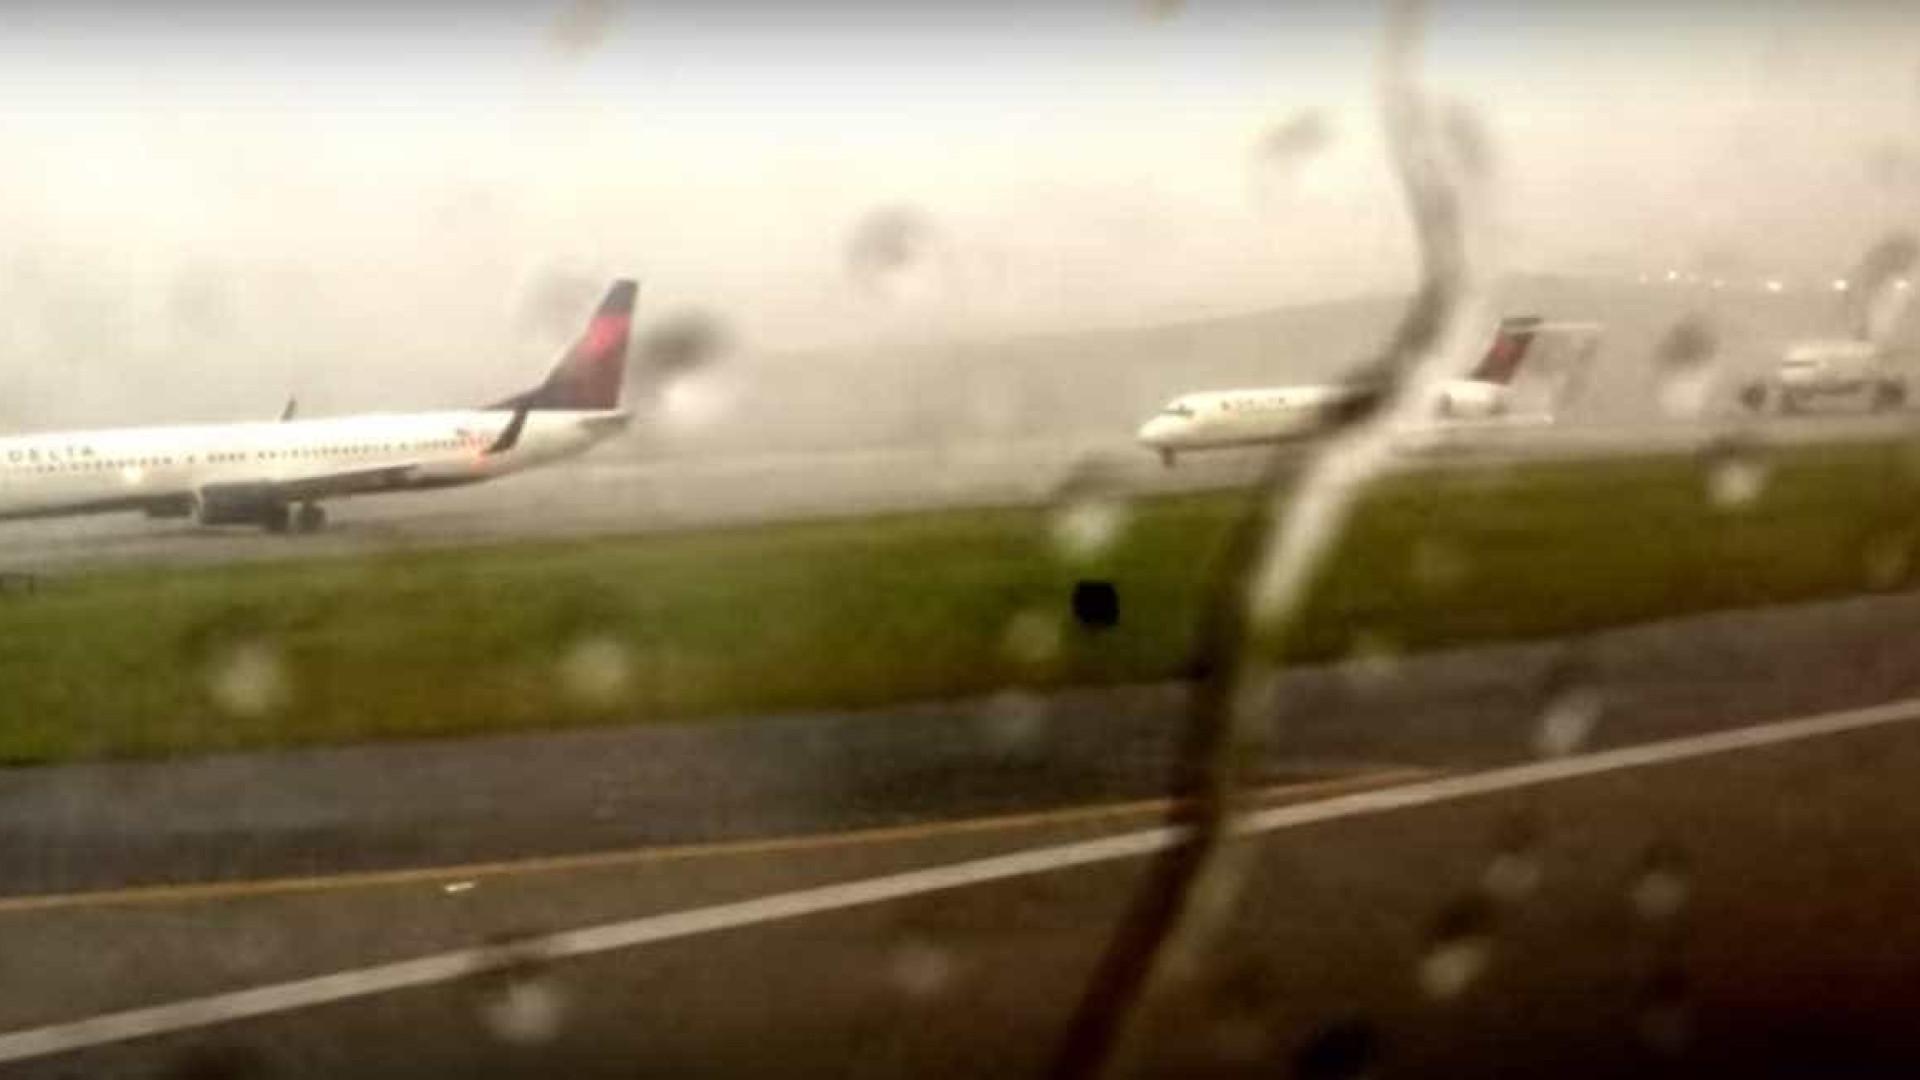 Imagens Raio Aeroporto : Notícias ao minuto raio atinge avião em plena pista de